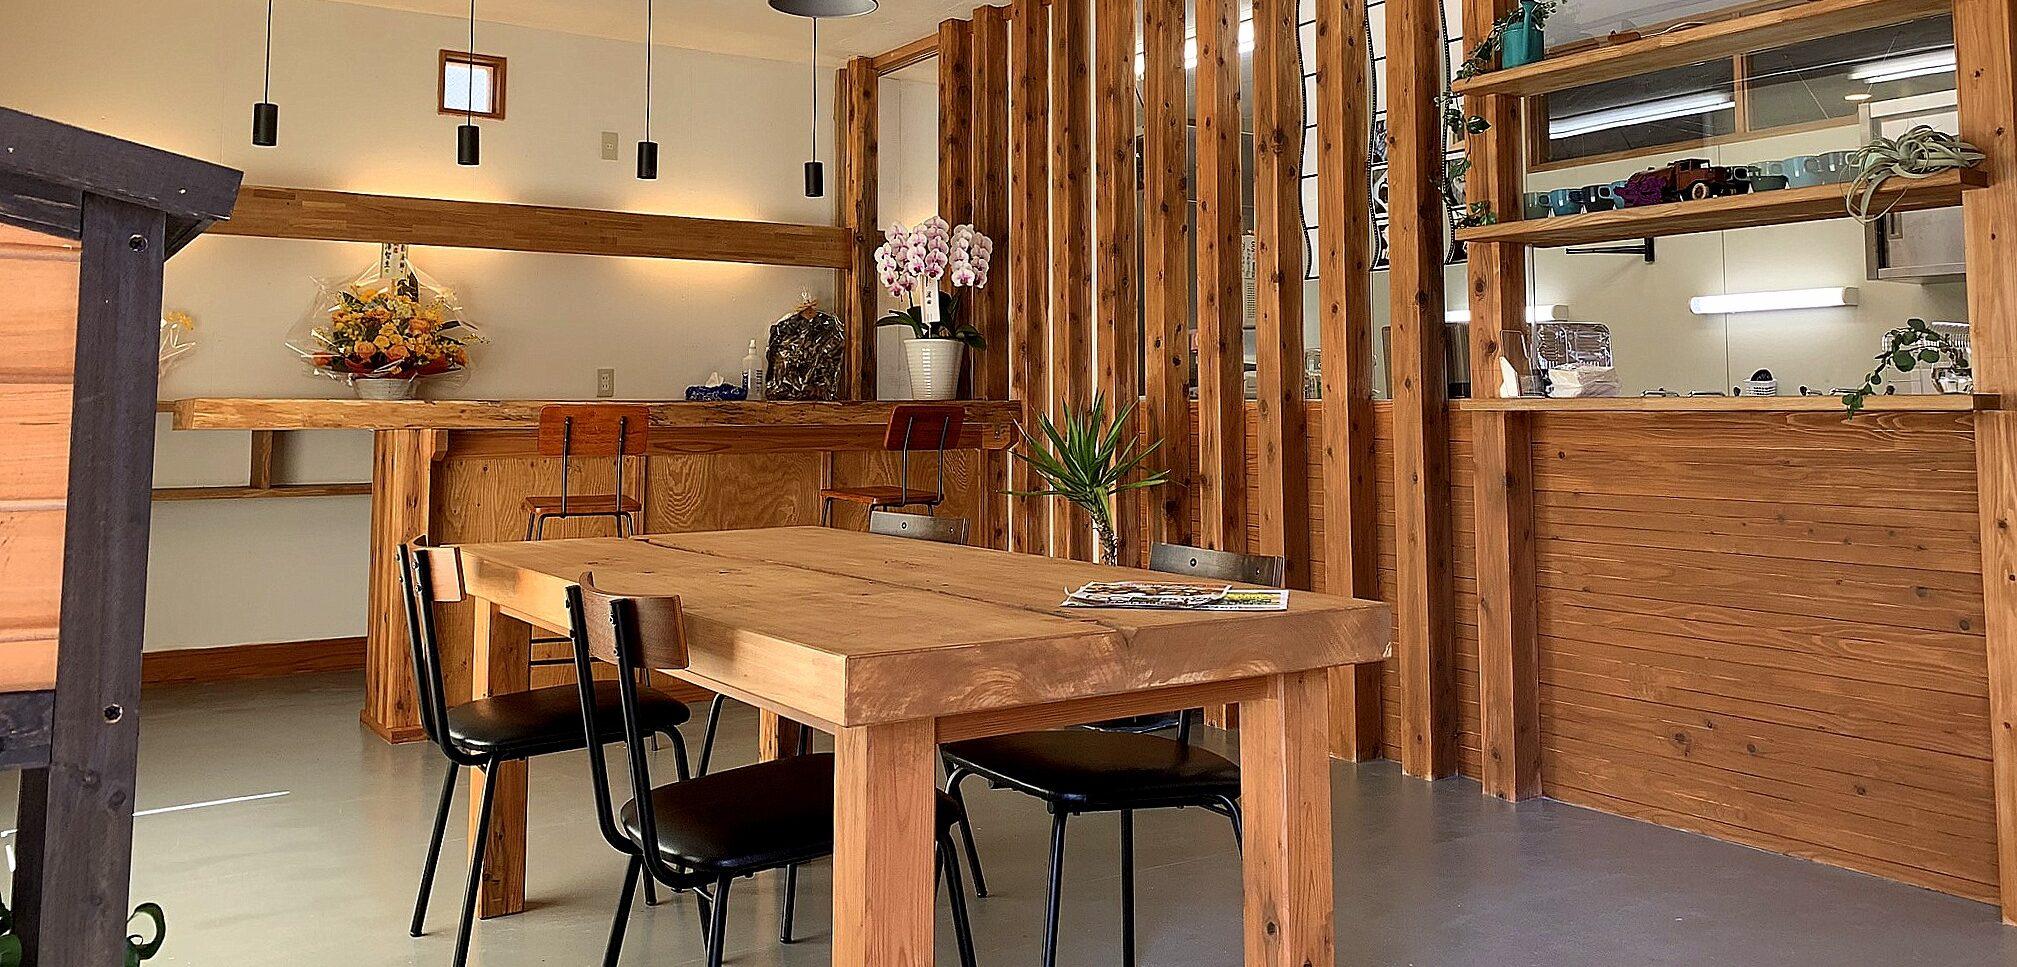 山武杉を使用したカフェリノベーション